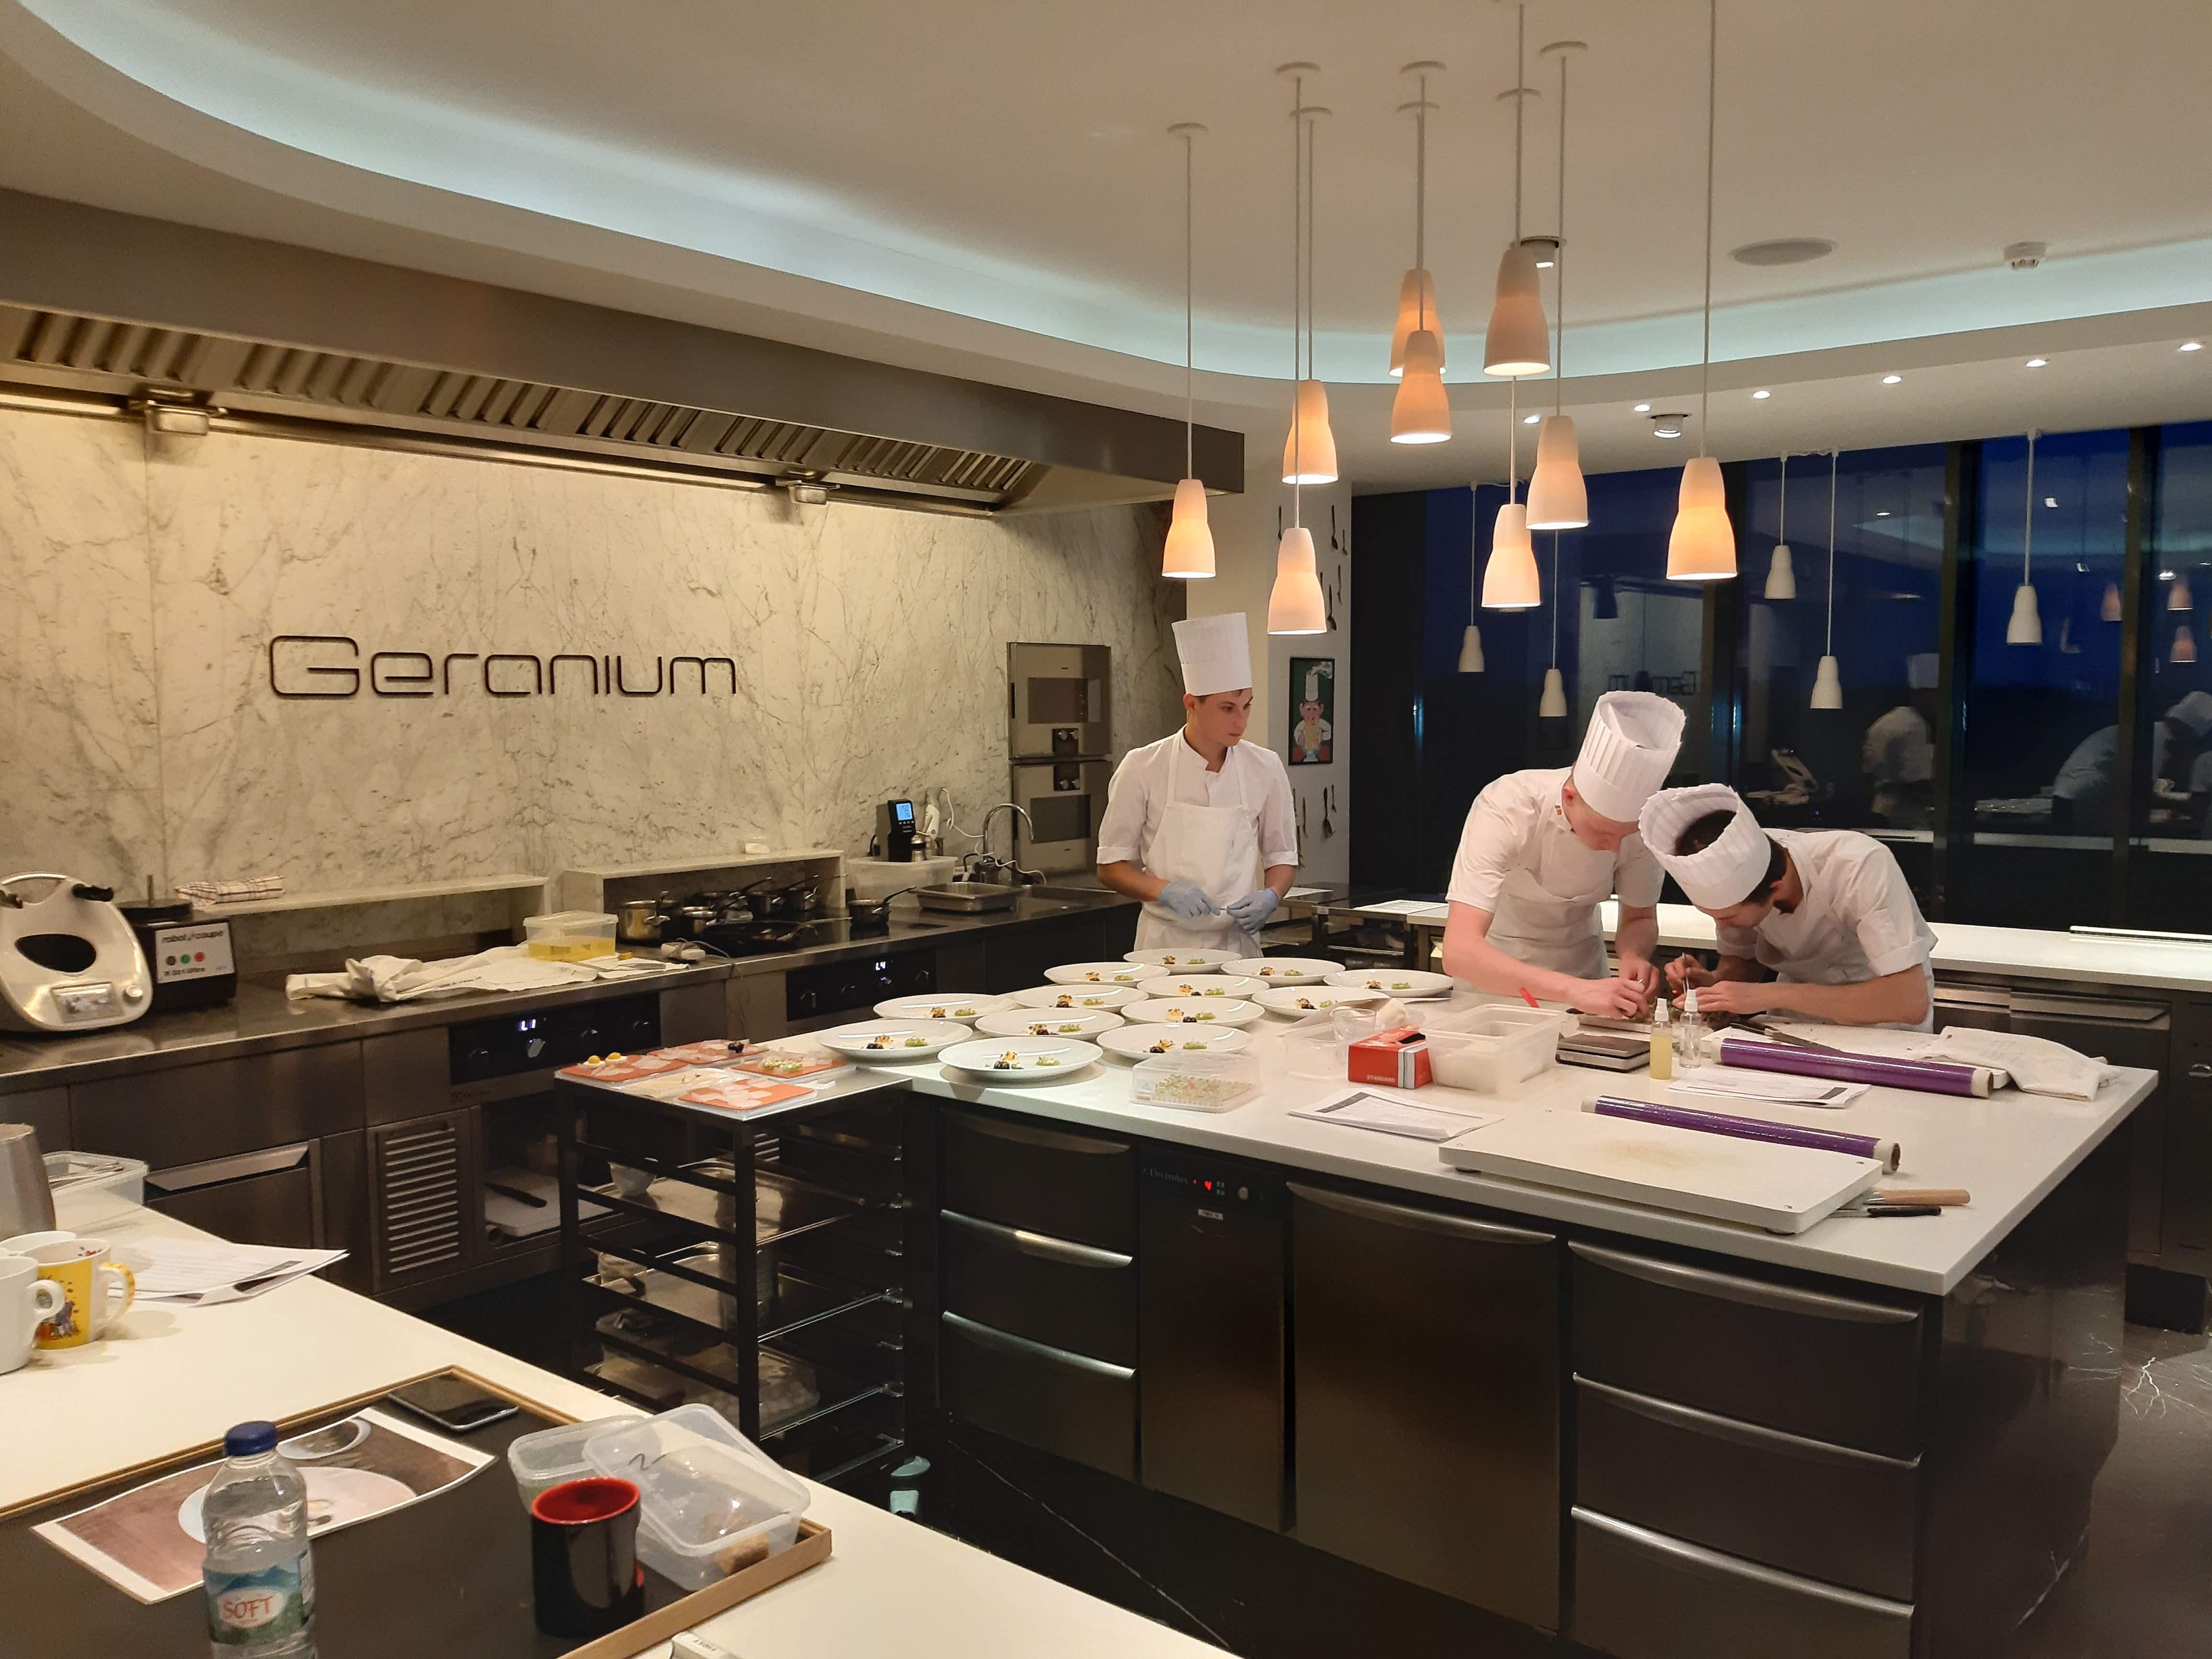 Geranium udvikling af køkkenudstyr